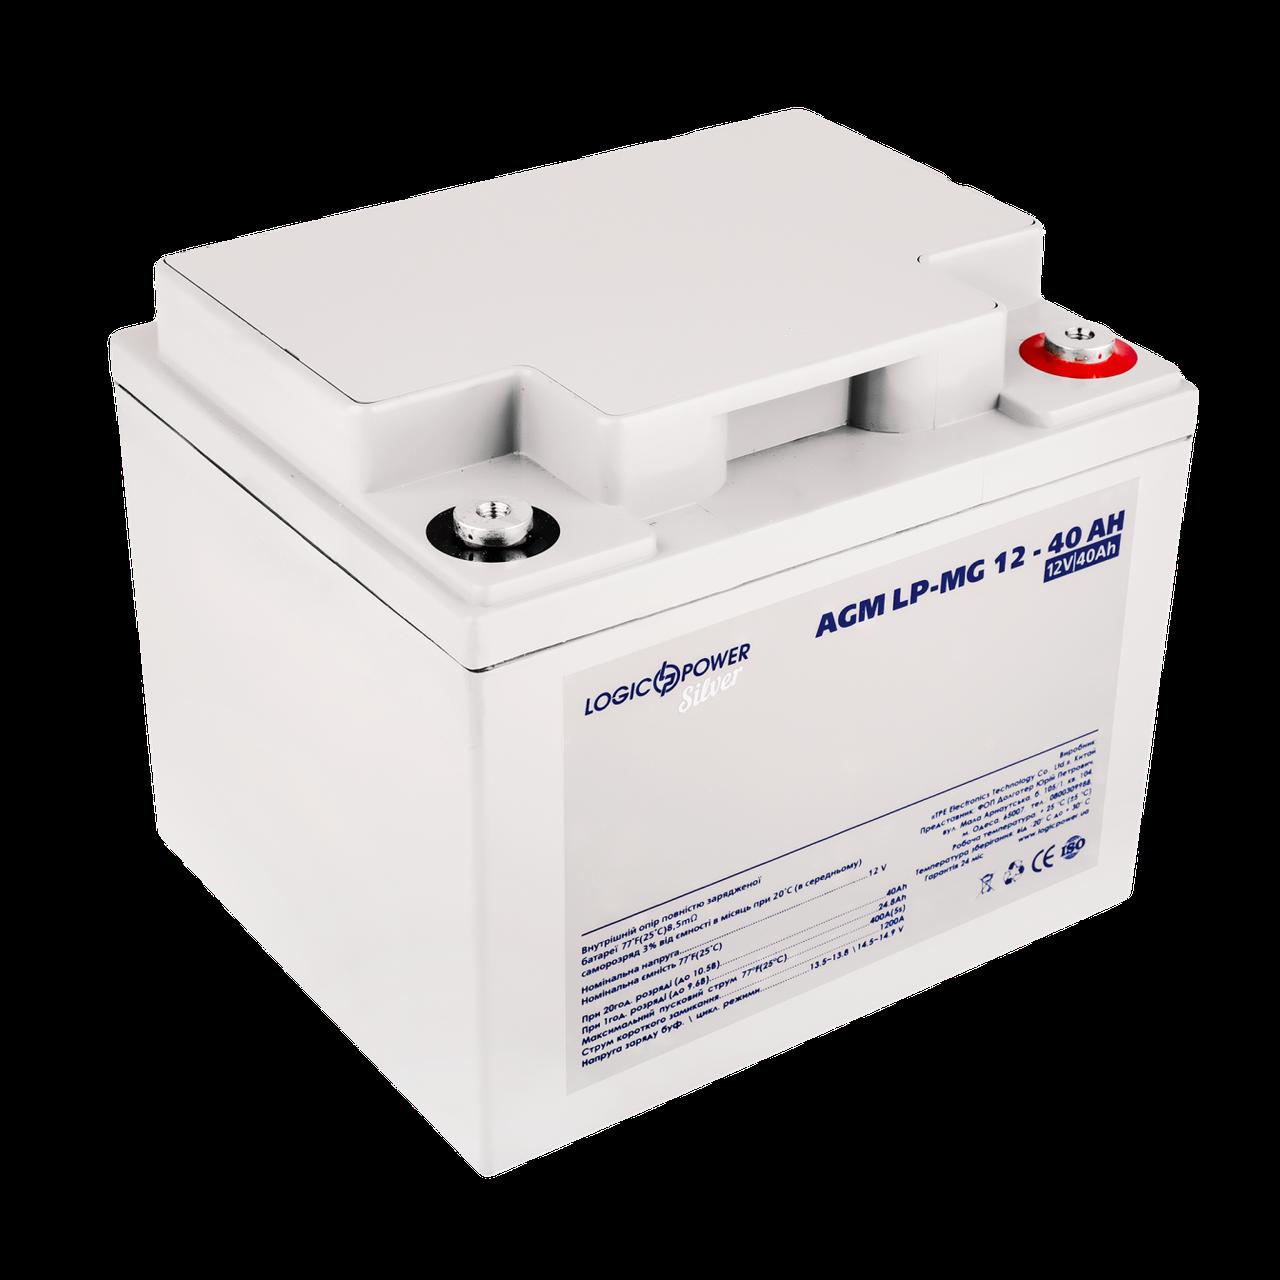 Аккумулятор мультигелевый AGM LogicPower LP-MG 12 - 40 AH